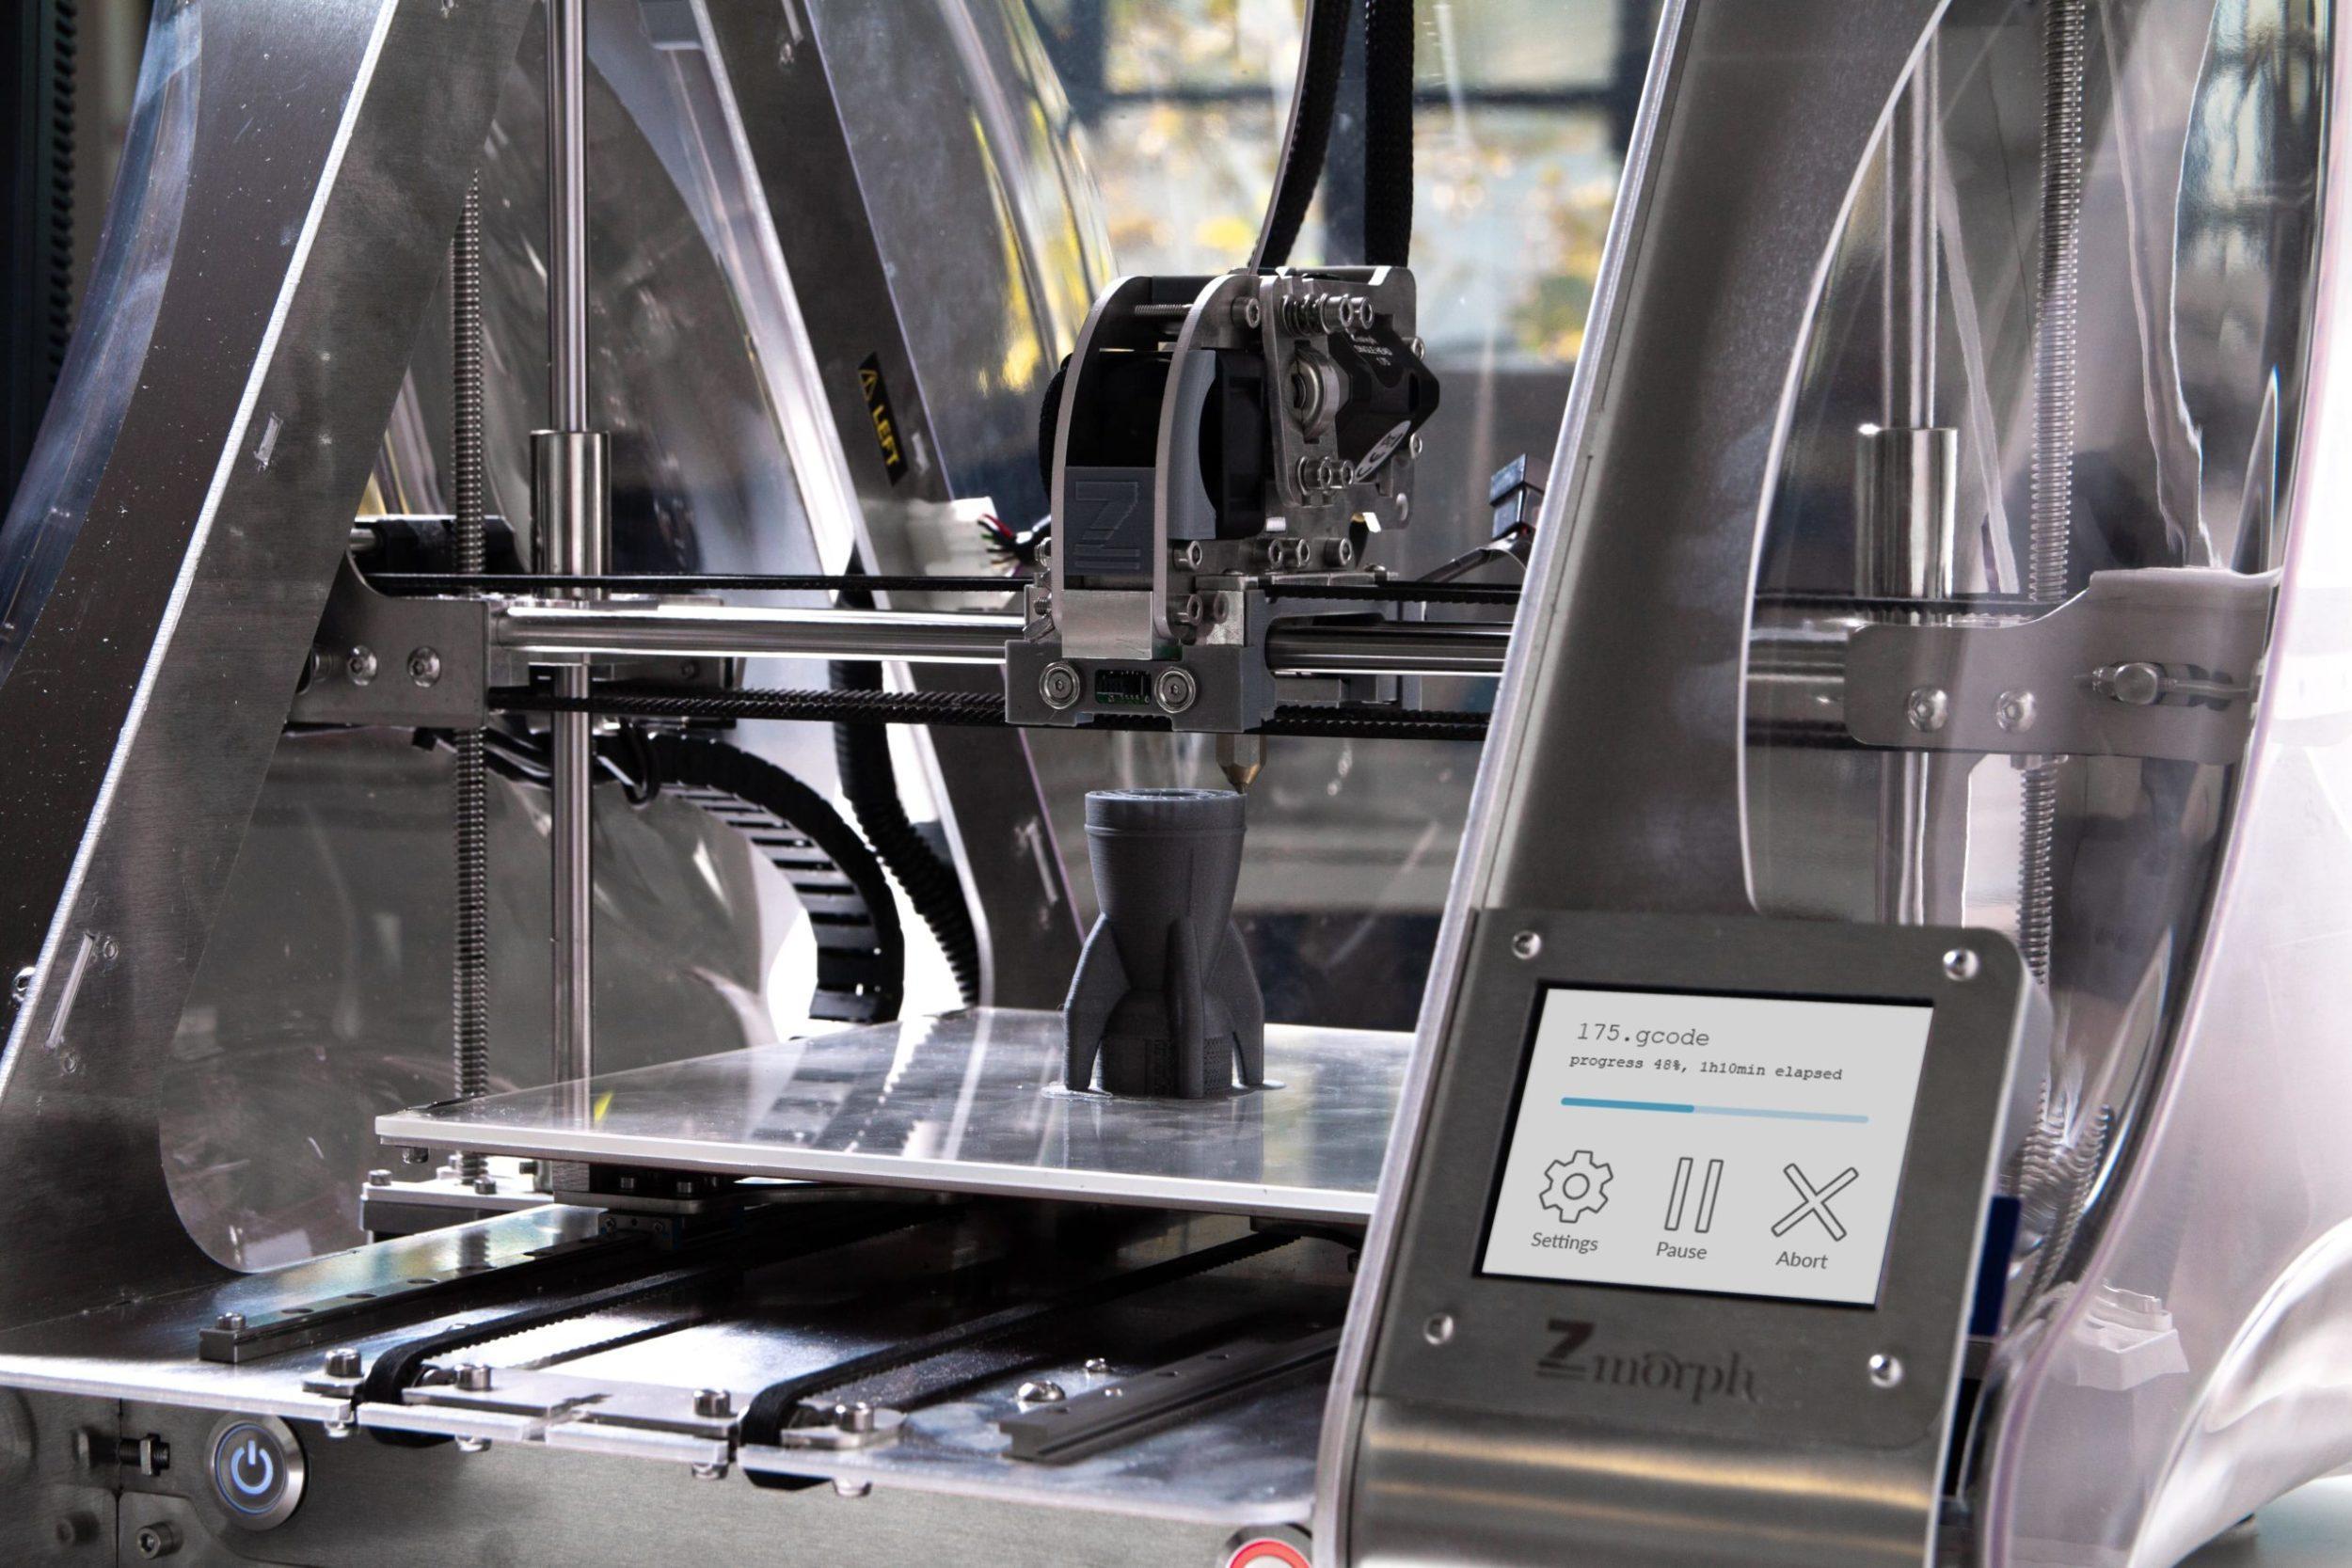 zmorph-multitool-3d-printer-UqCCSbAIaDU-unsplash-min